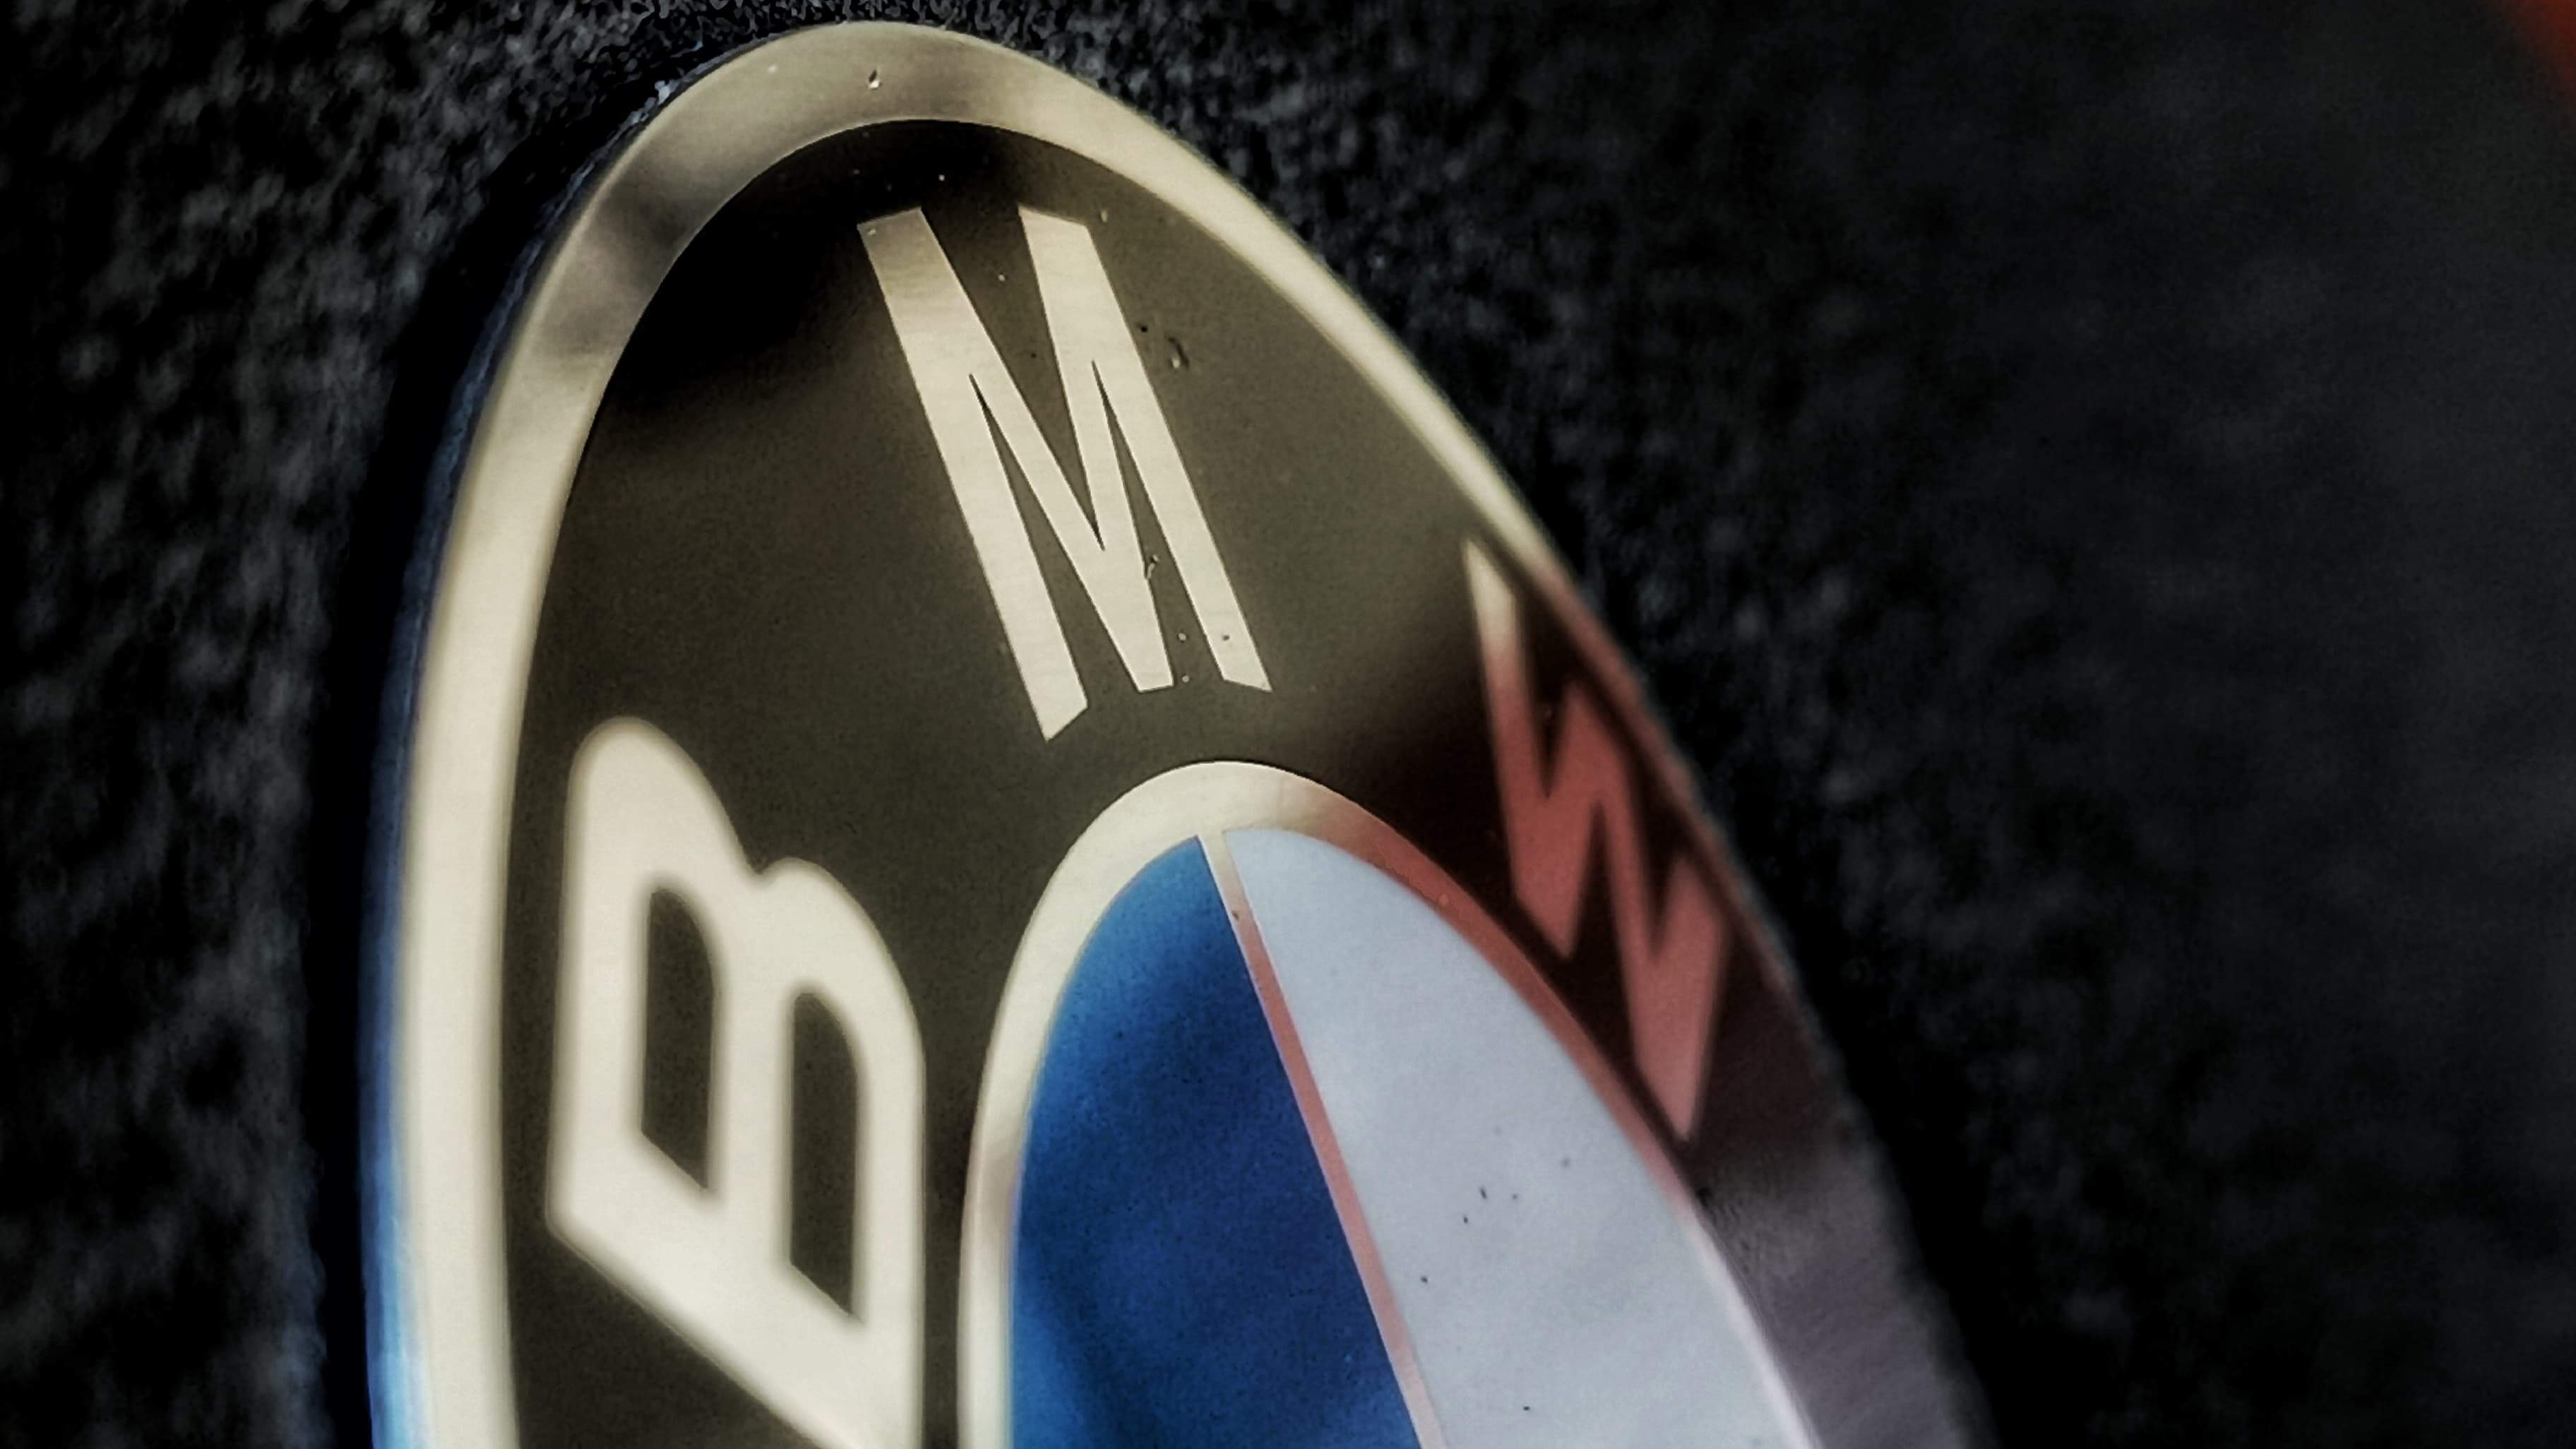 Bmw k100 www.17machines.com